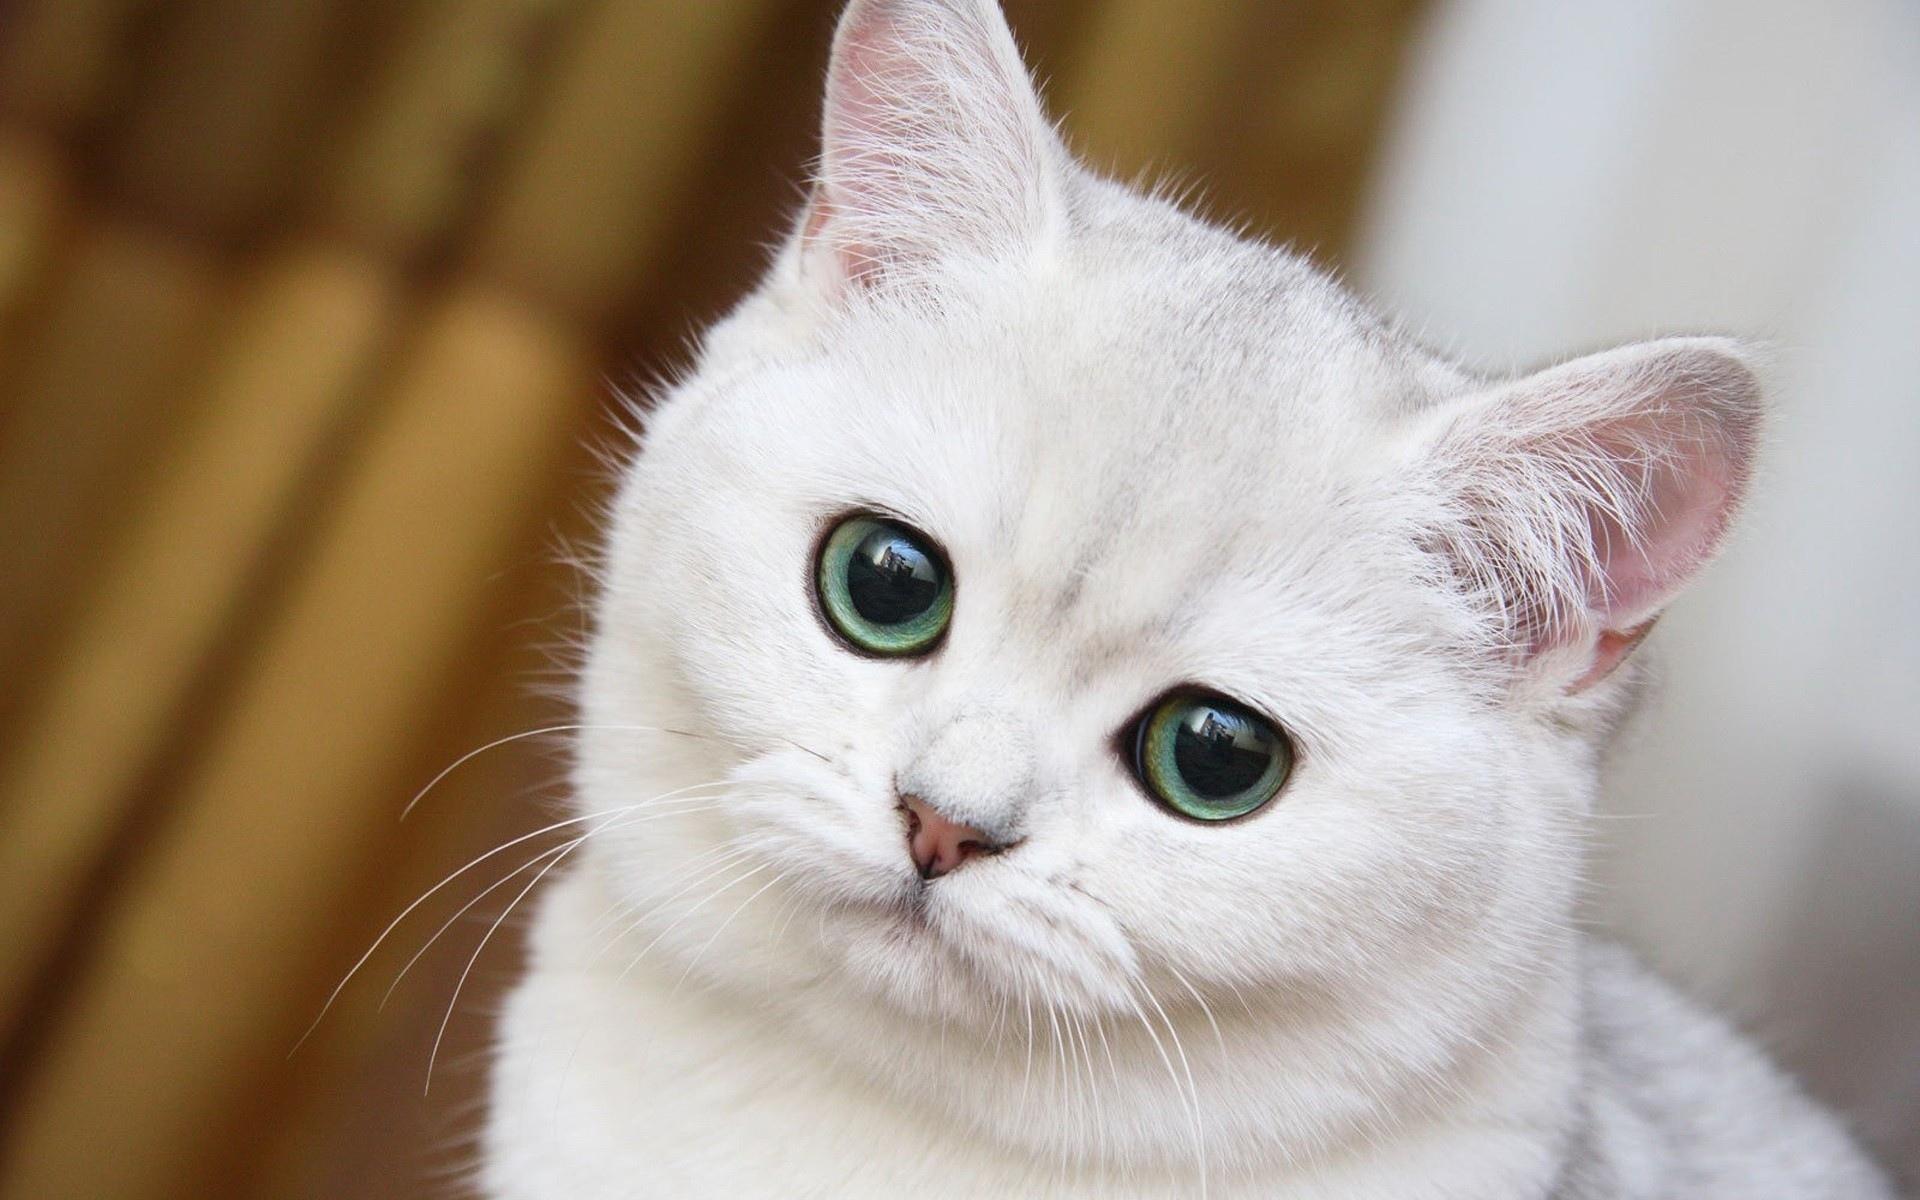 картинка любопытная киса око